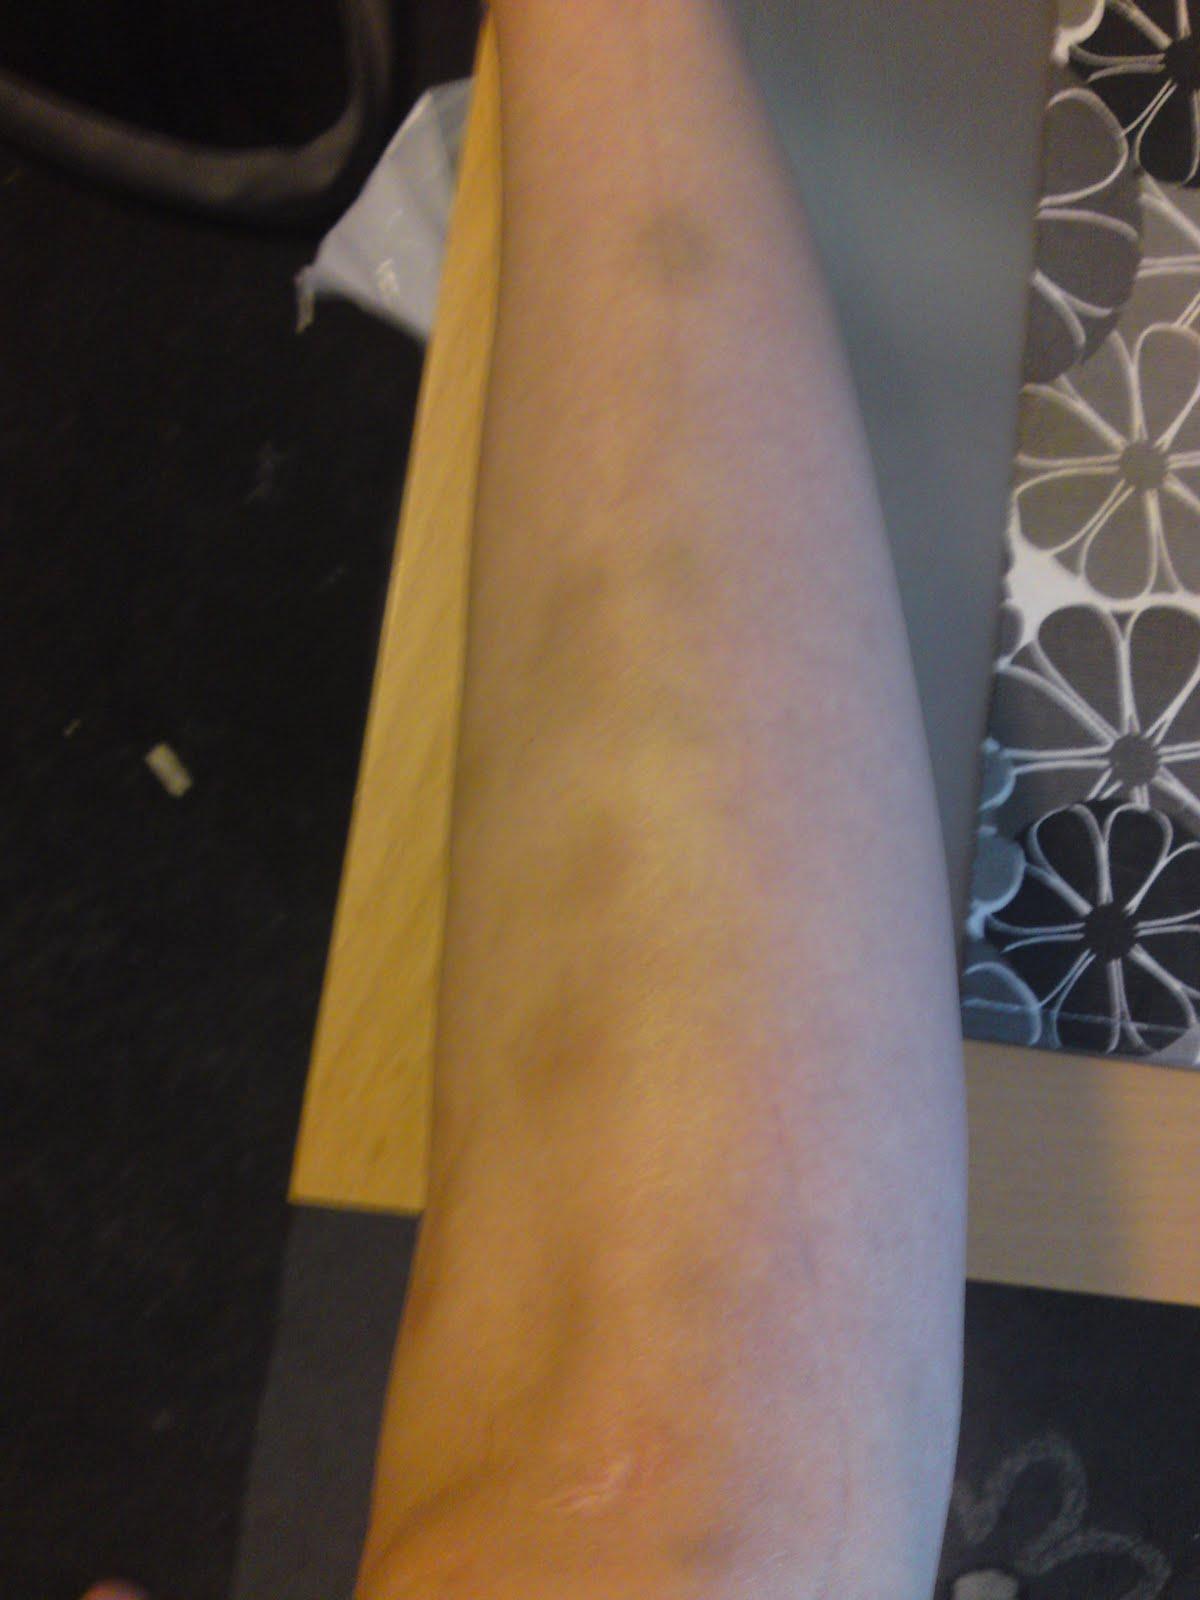 oförklarliga blåmärken på benen